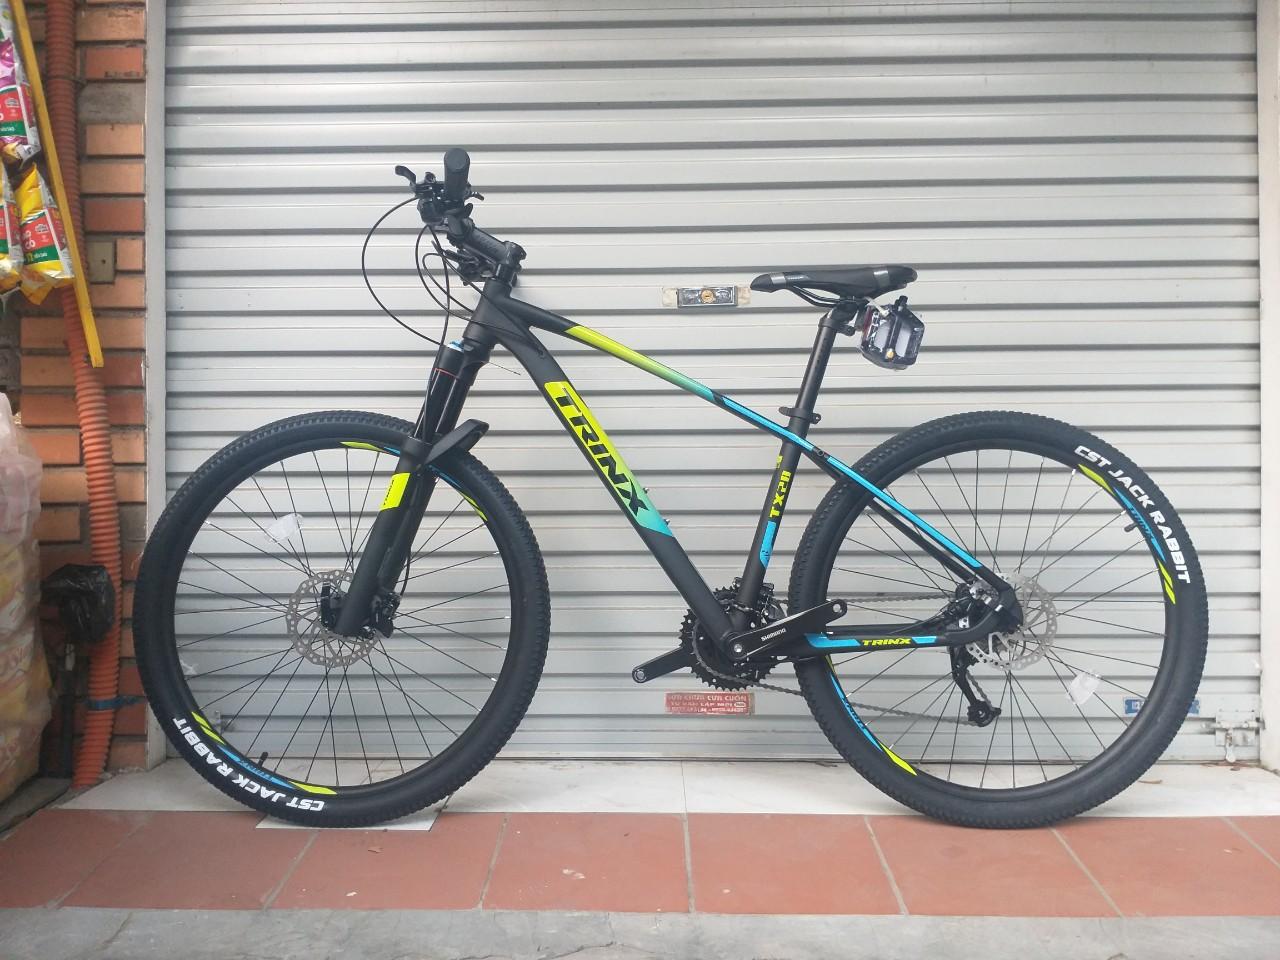 trinx tx28 2020 2 - Bán xe đạp TRINX TX28 27.5 2020